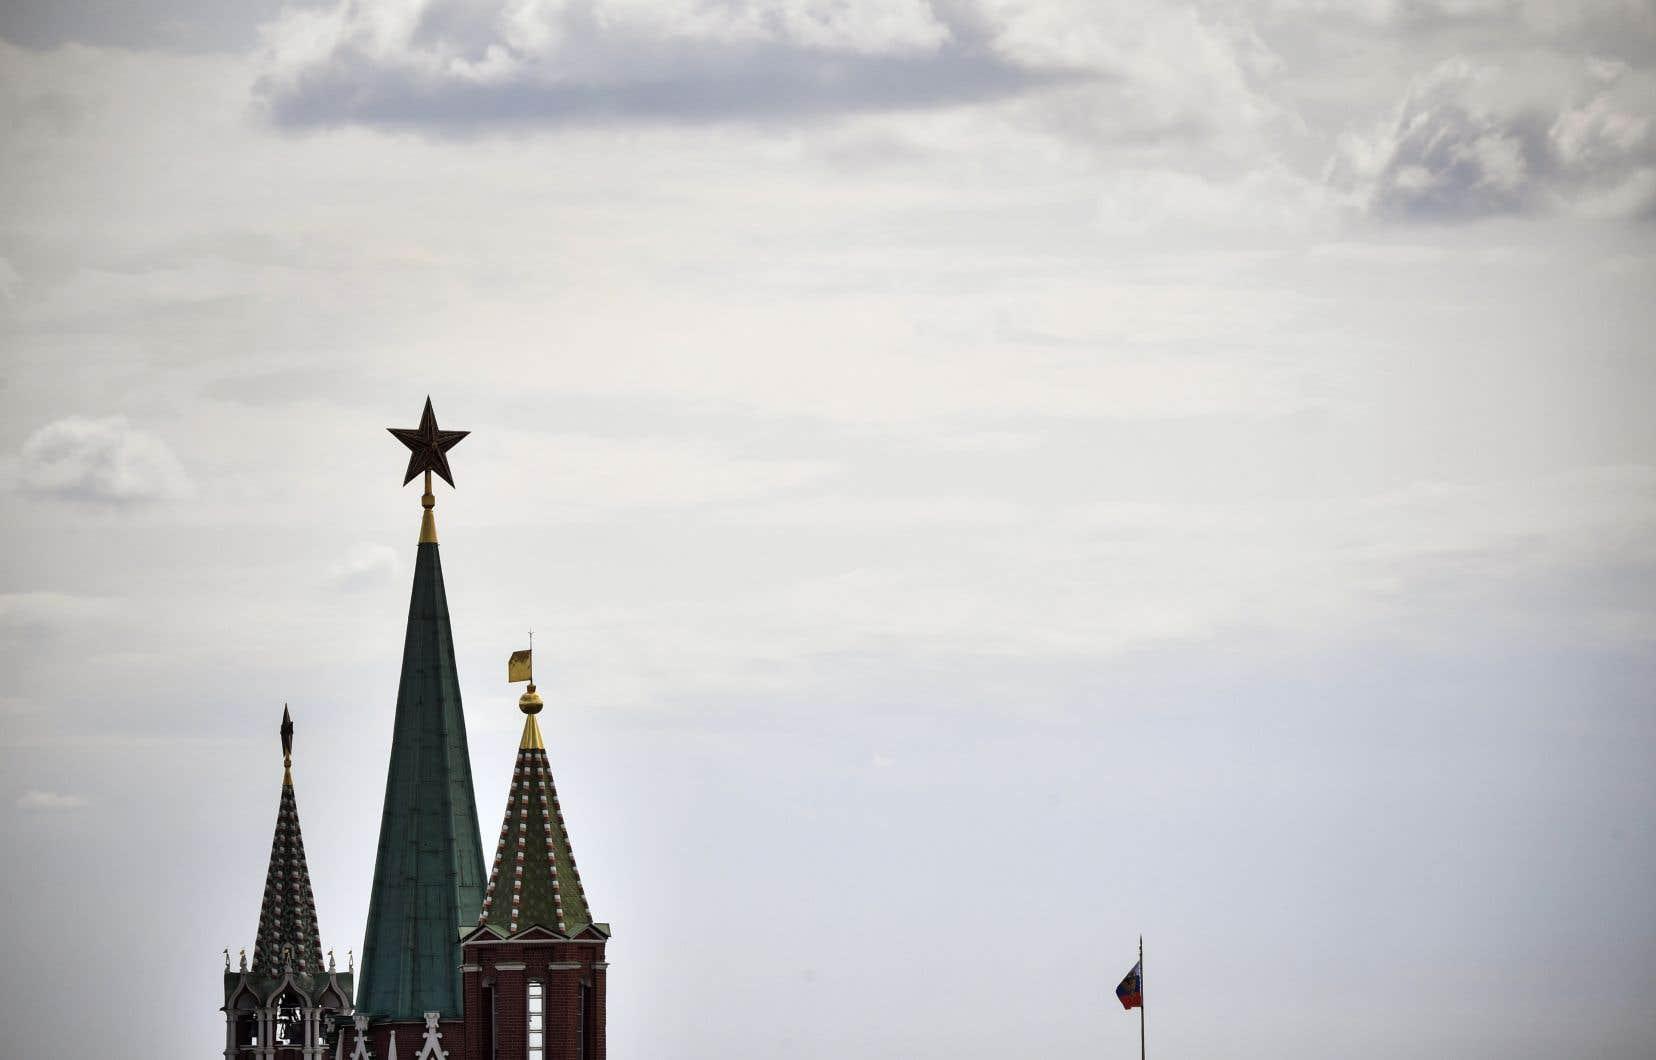 Le Kremlin a confirmé mardi avoir employé dans son administration un homme identifié par la presse russe comme un agent de la CIA.